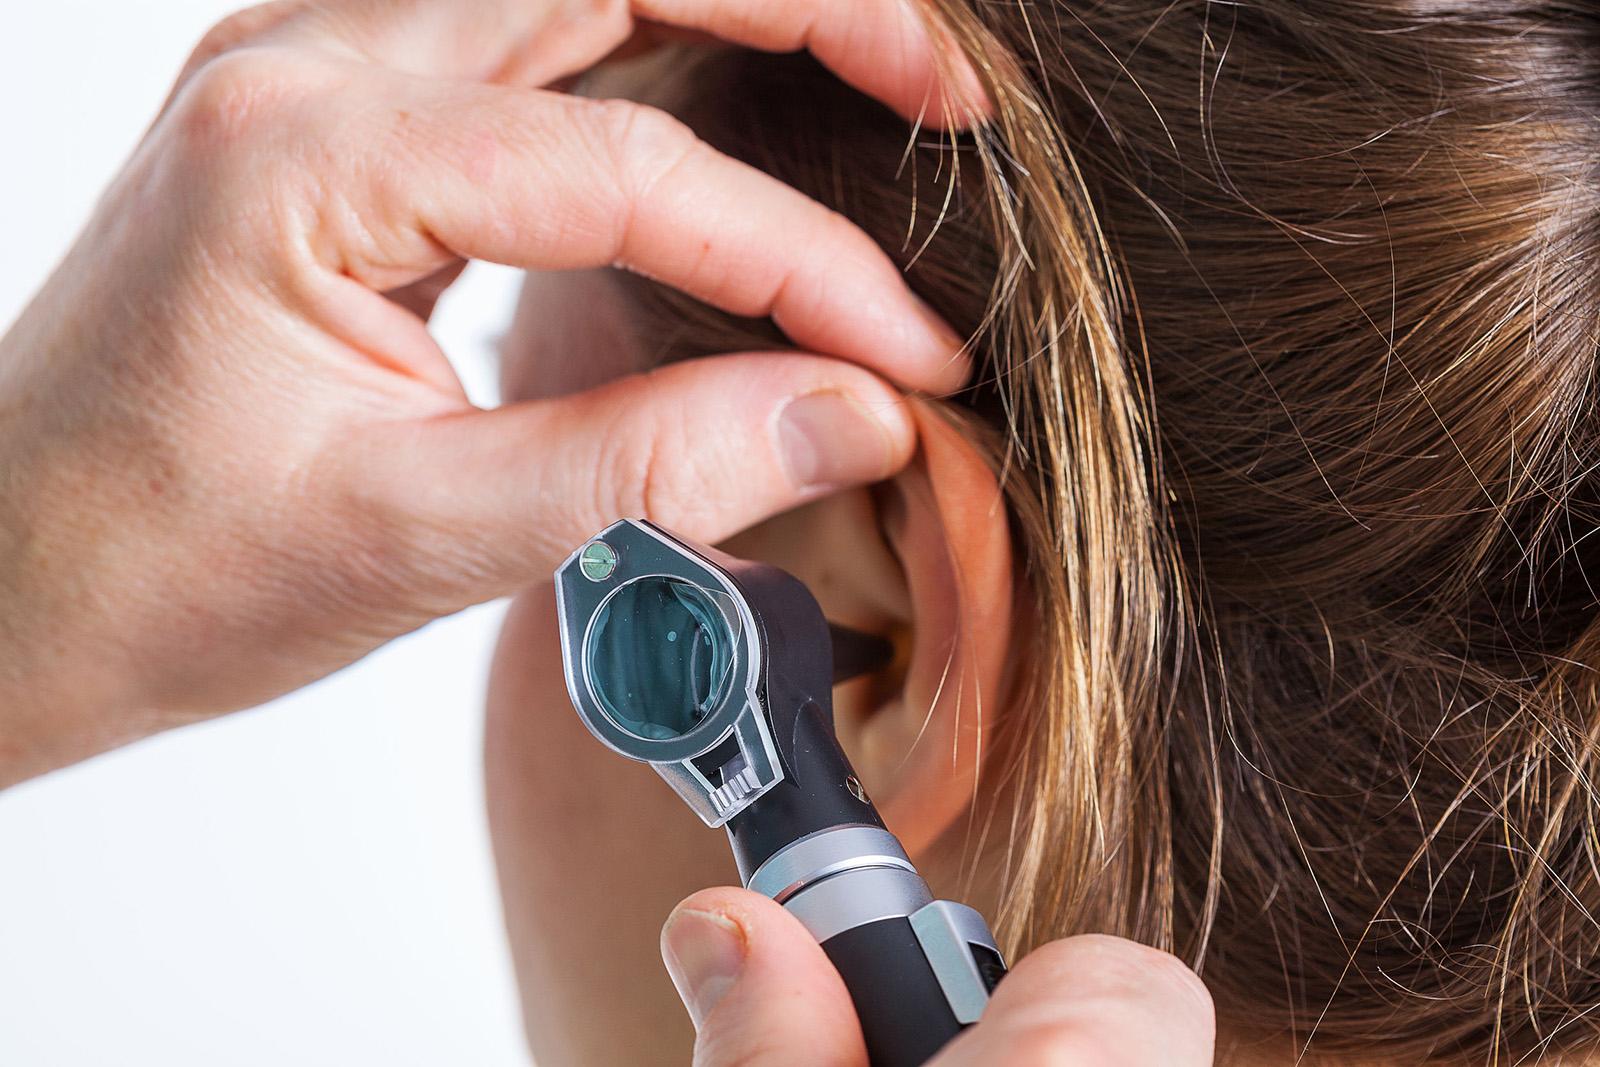 pikkelysömör hogyan kell kezelni a fejben s a fülben okoz